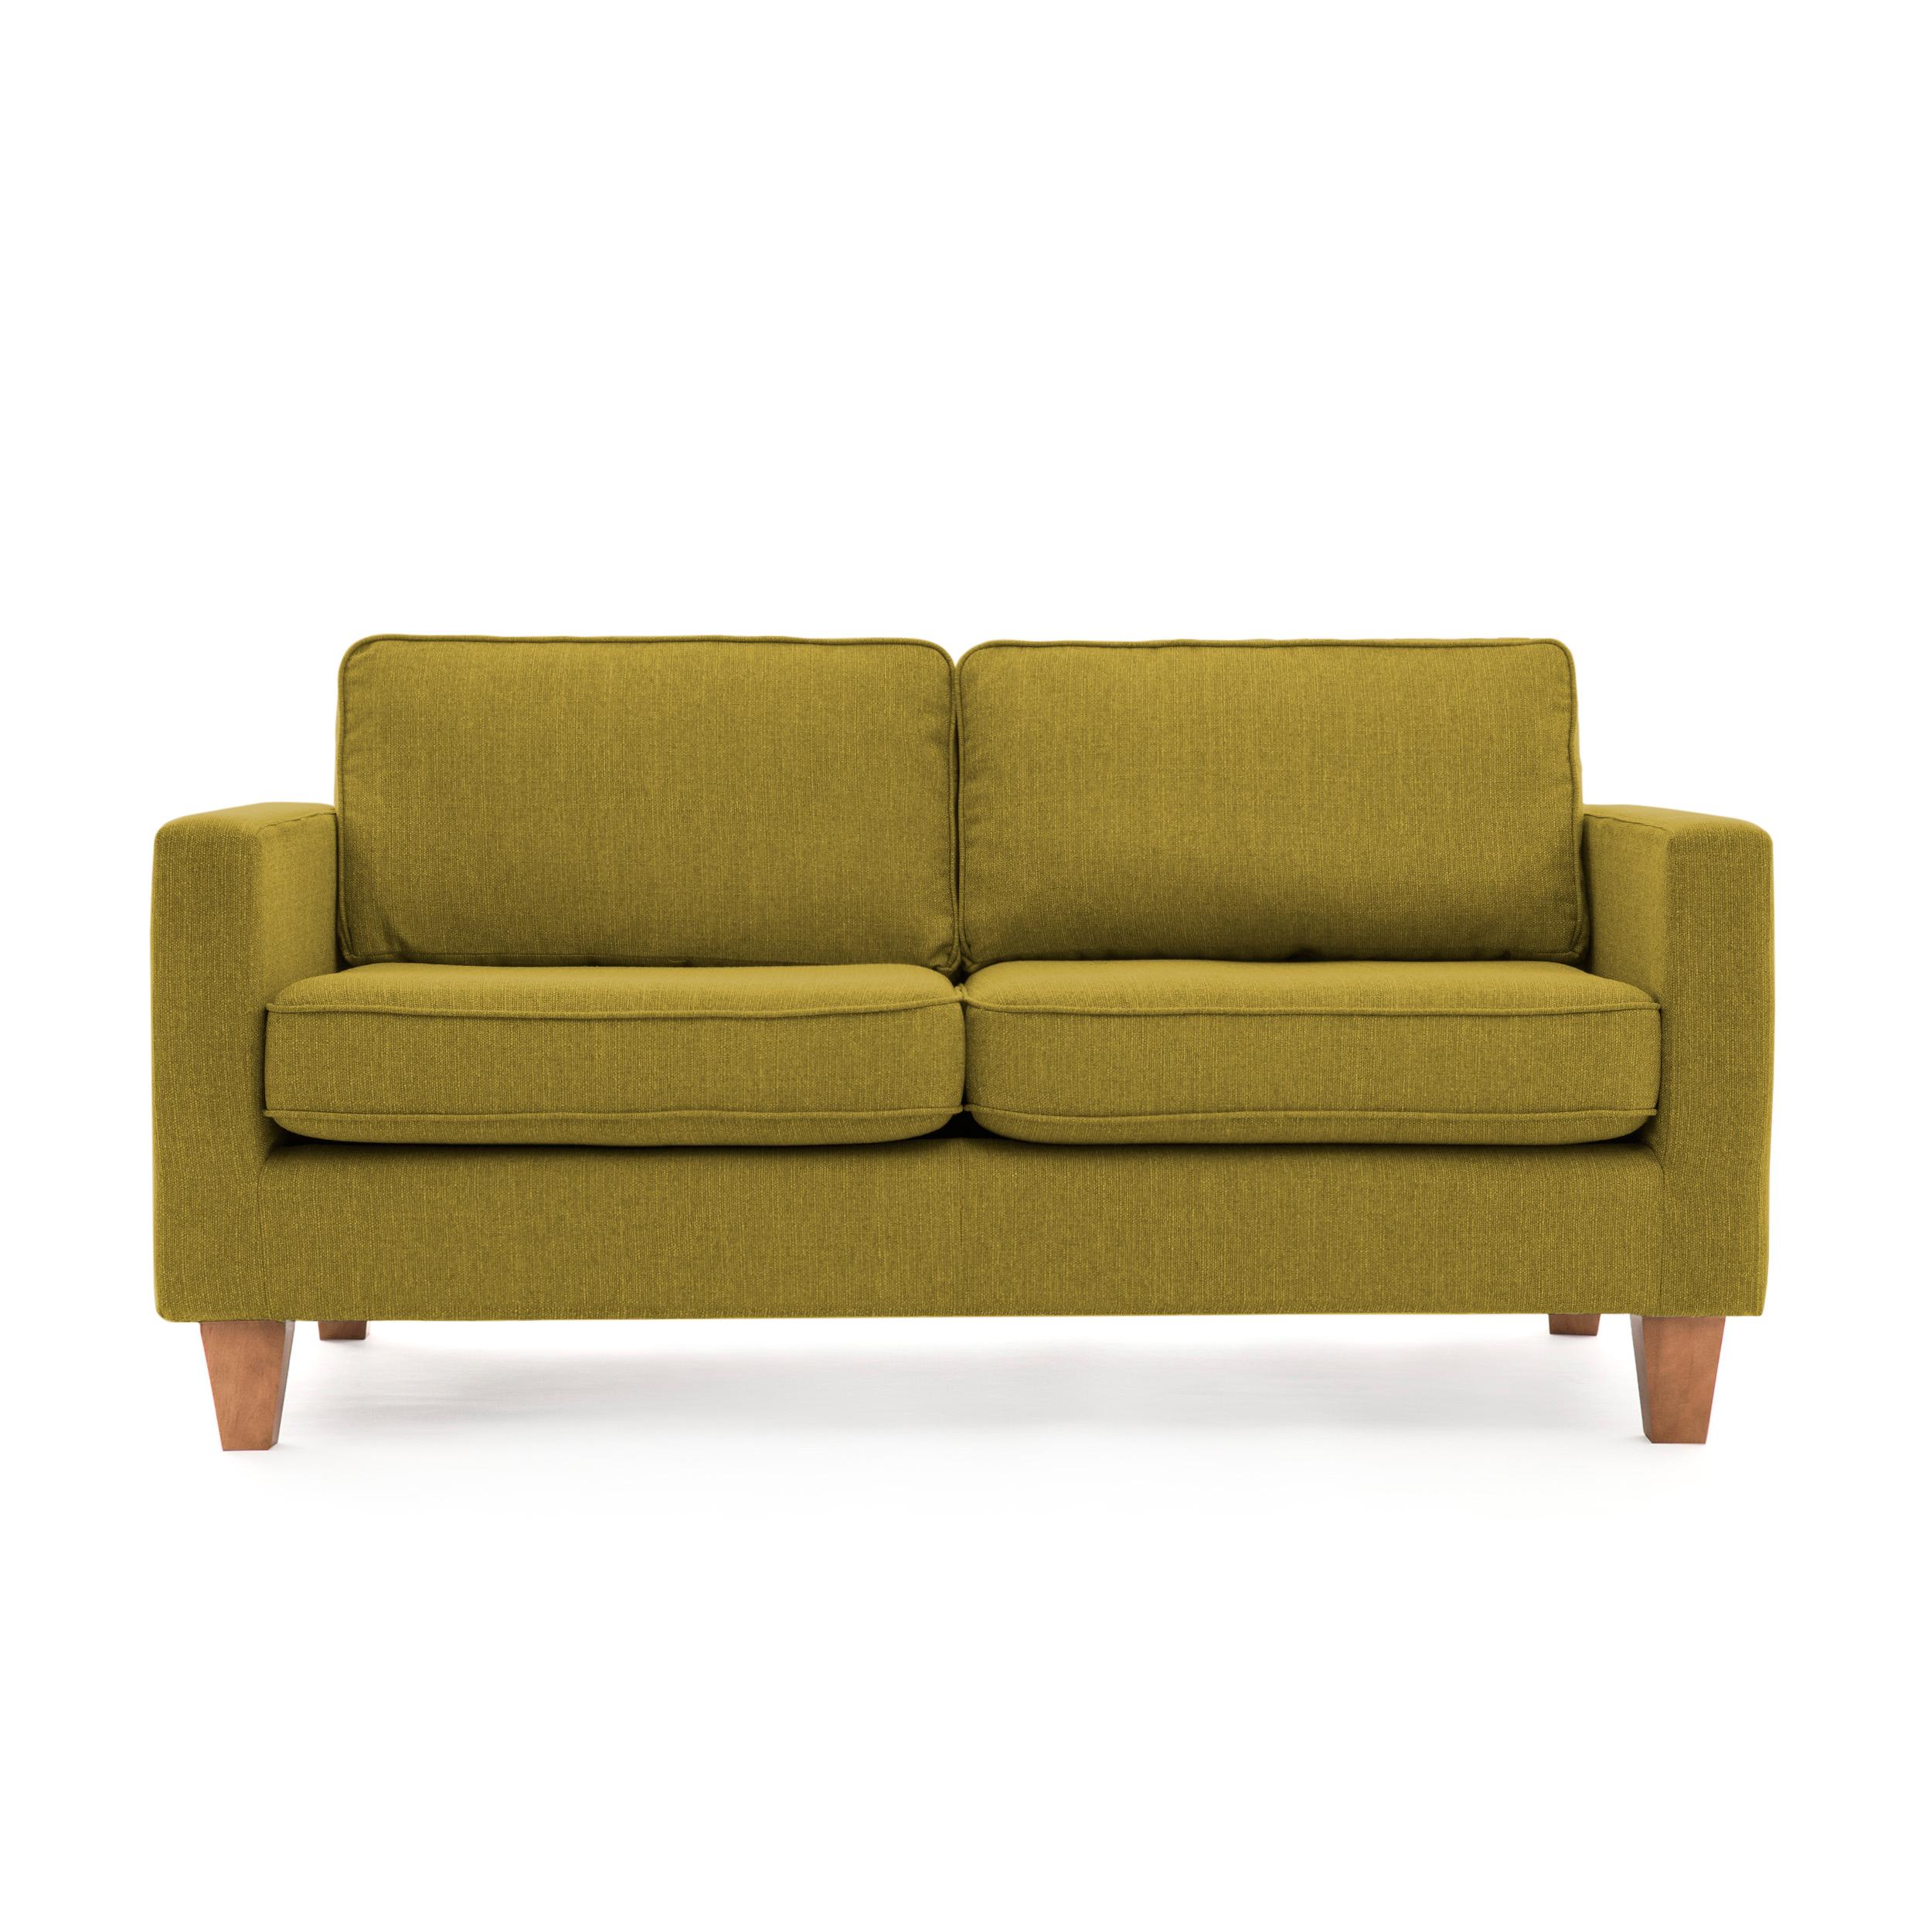 Canapea Fixa 3 locuri Sorio Green